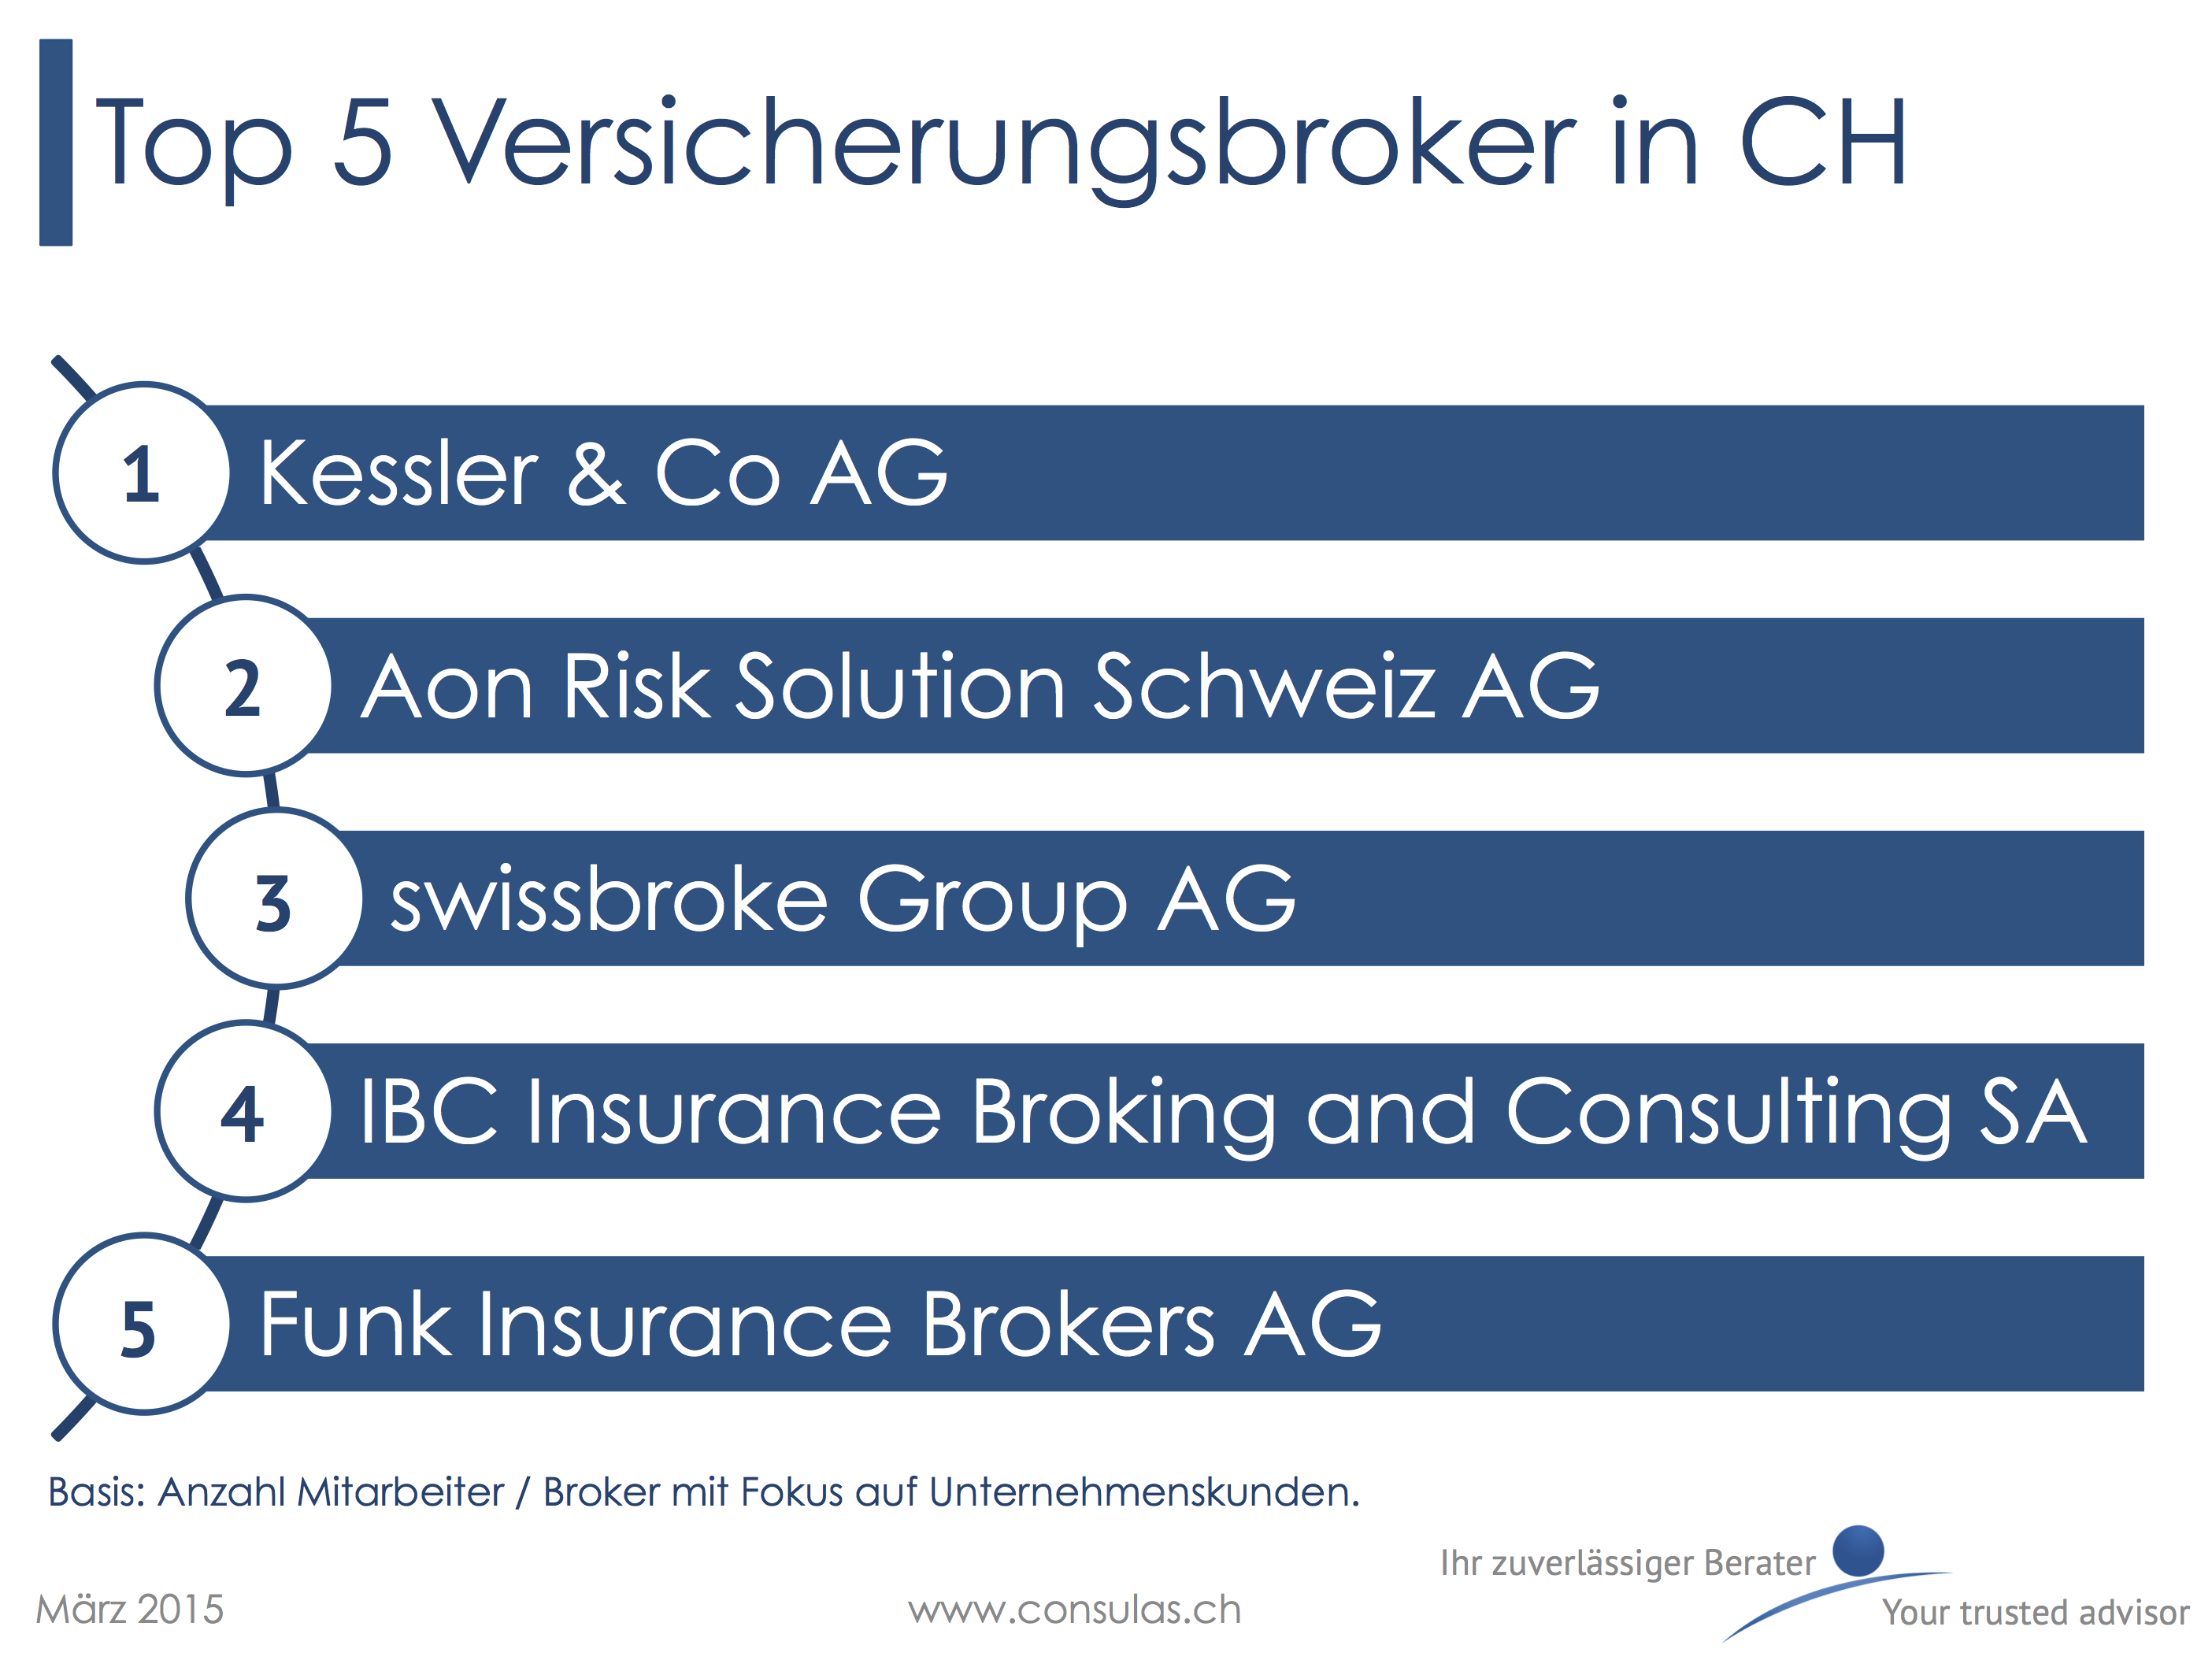 5 grössten Versicherungsbroker in der Schweiz